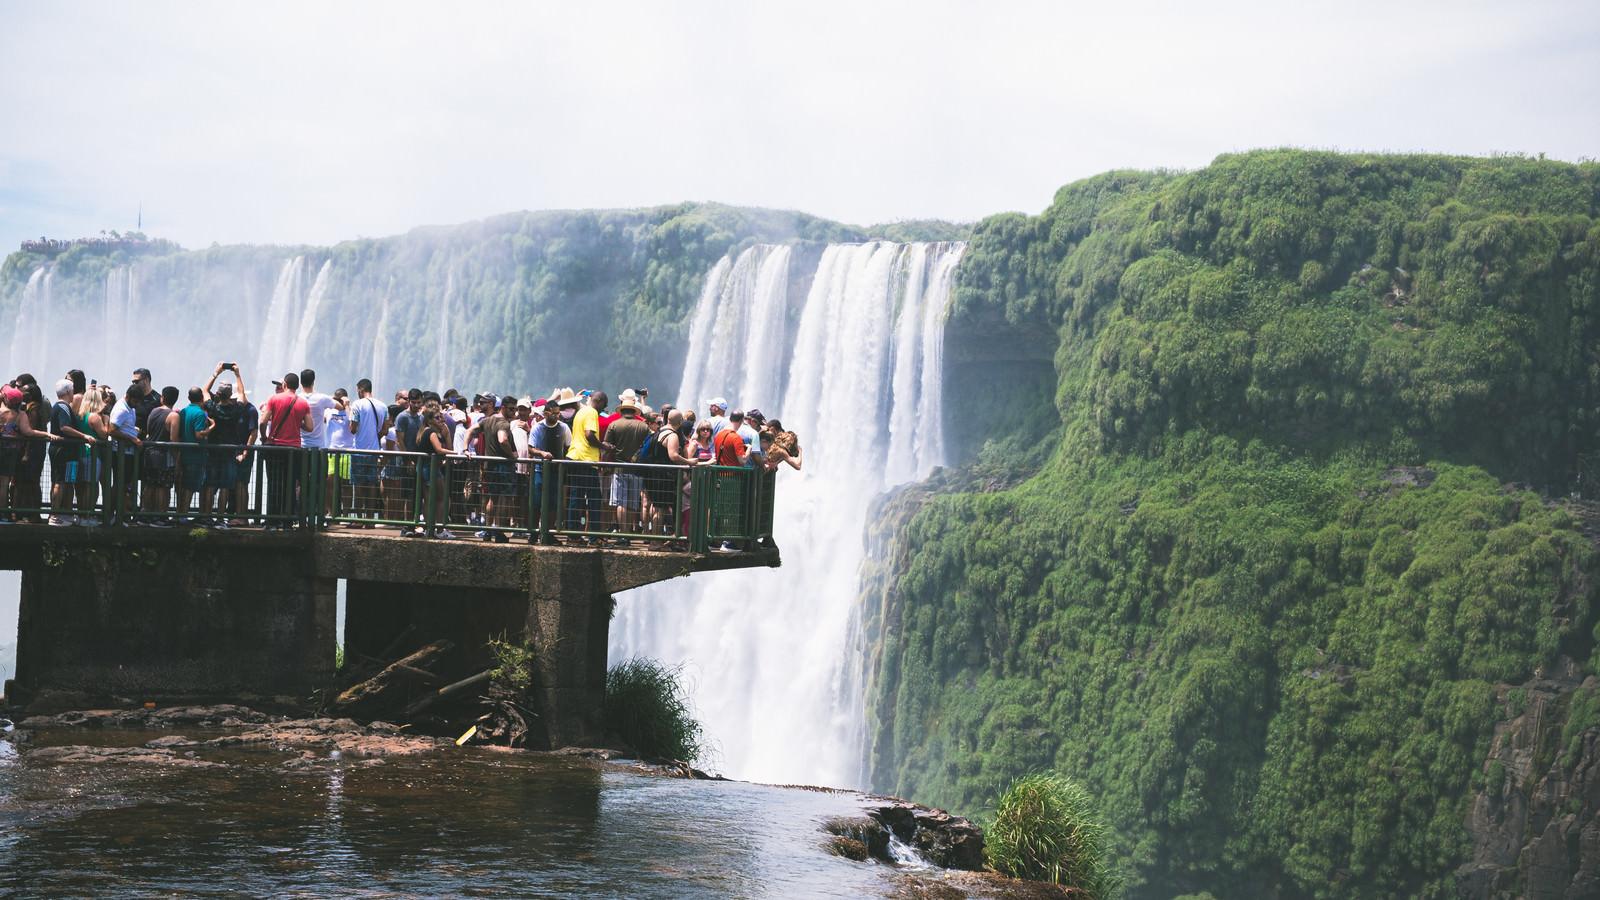 「滝を覗き込むツアー客の集団(イグアスの滝)」の写真